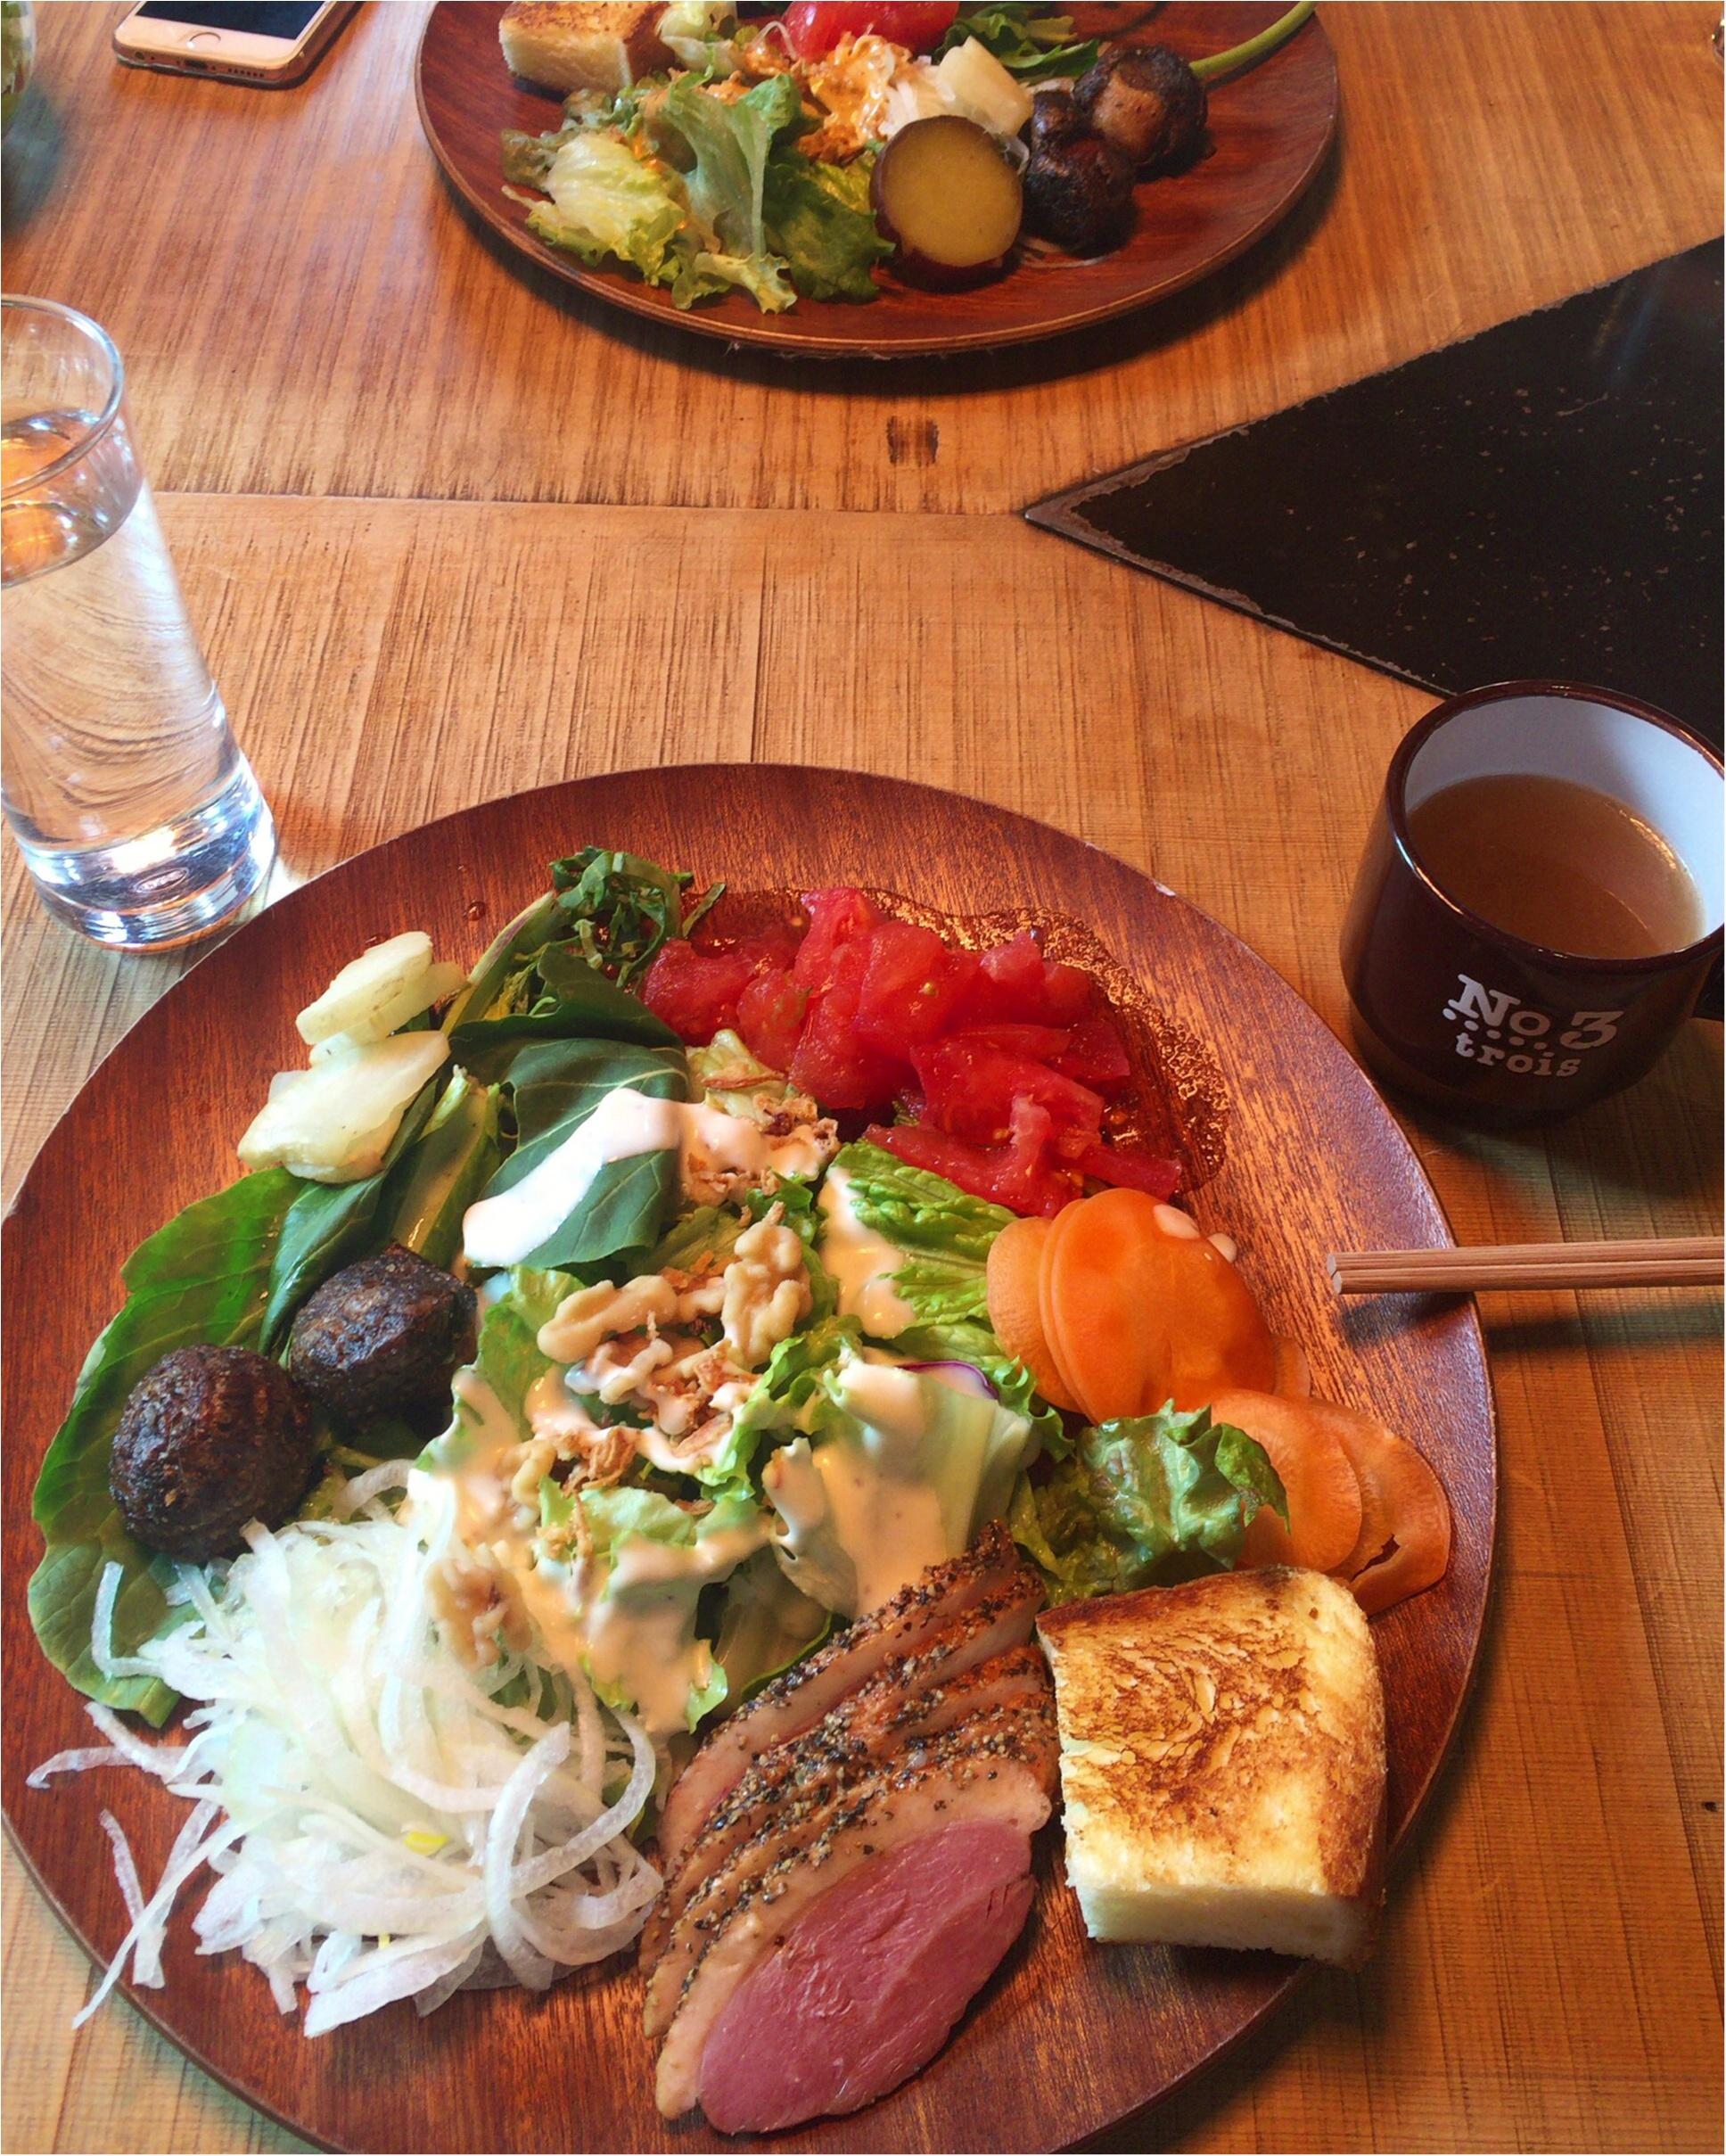 【恵比寿】オーガニック野菜を好きなだけ食べられるサラダランチが¥1,300!メインディッシュ+パン+スープ付き♡≪samenyan≫_10